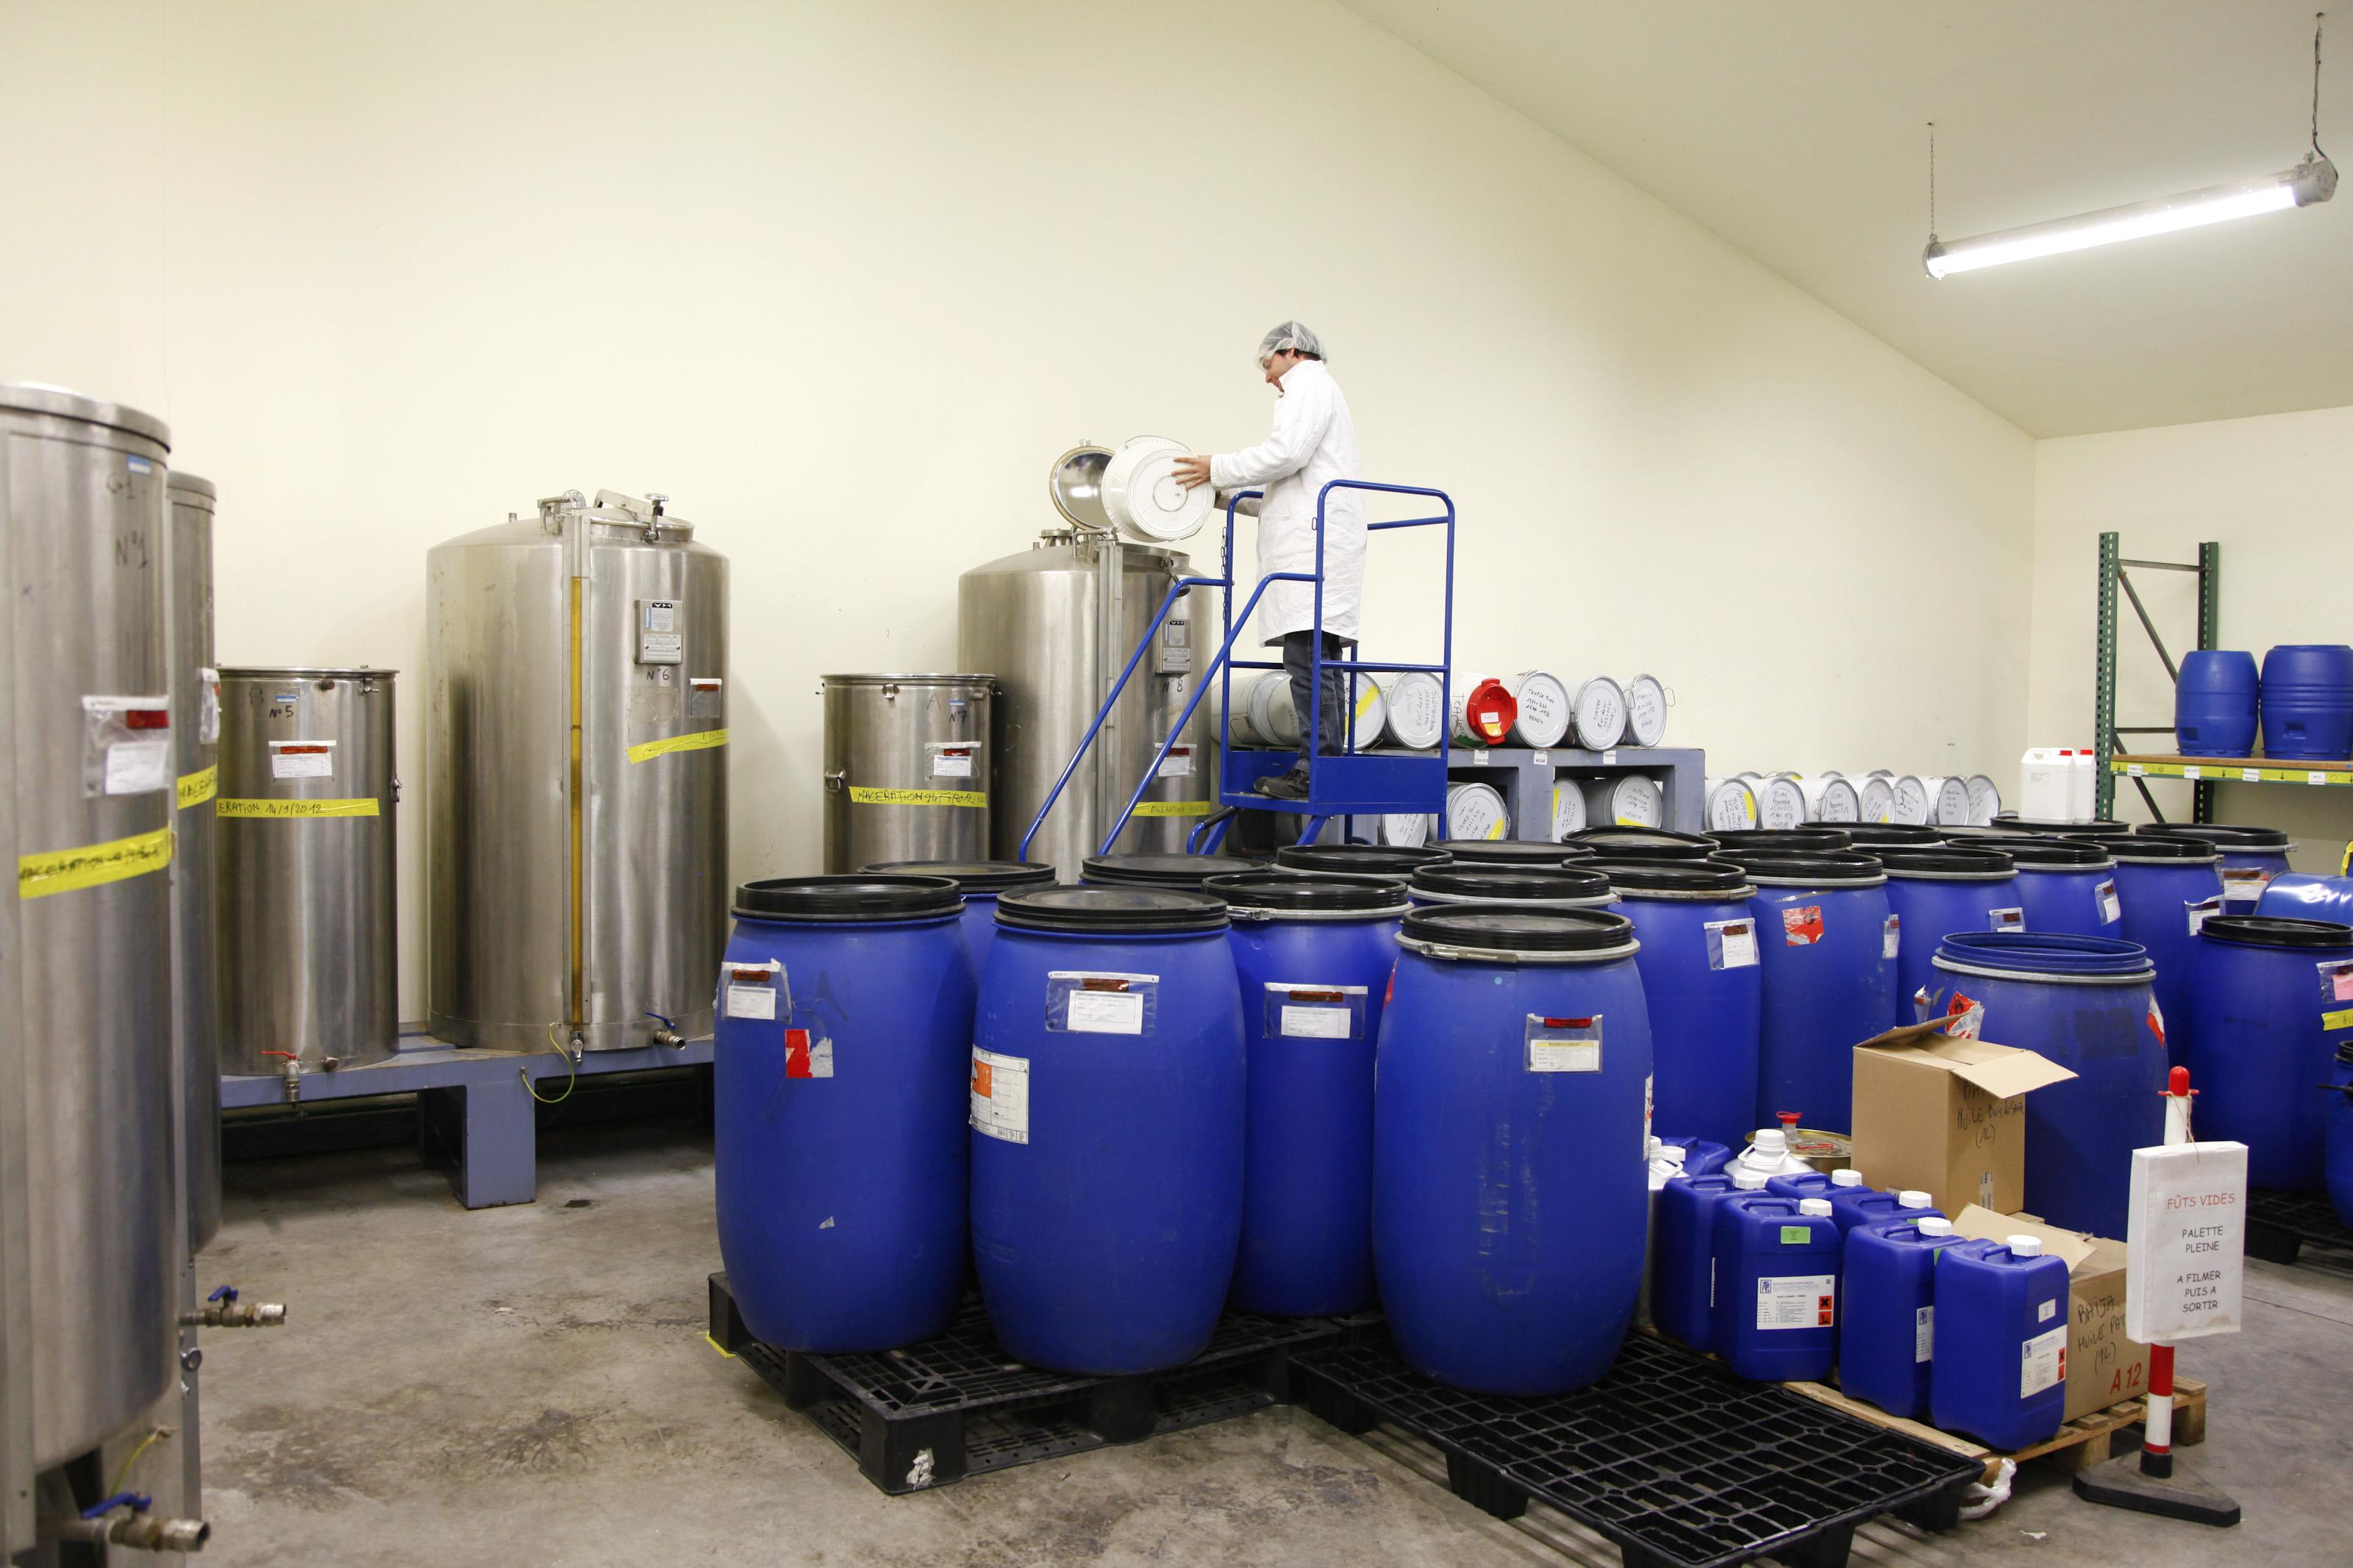 ESAT Les Ateliers Château Gaillard (Les Andelys) - Production de parfums